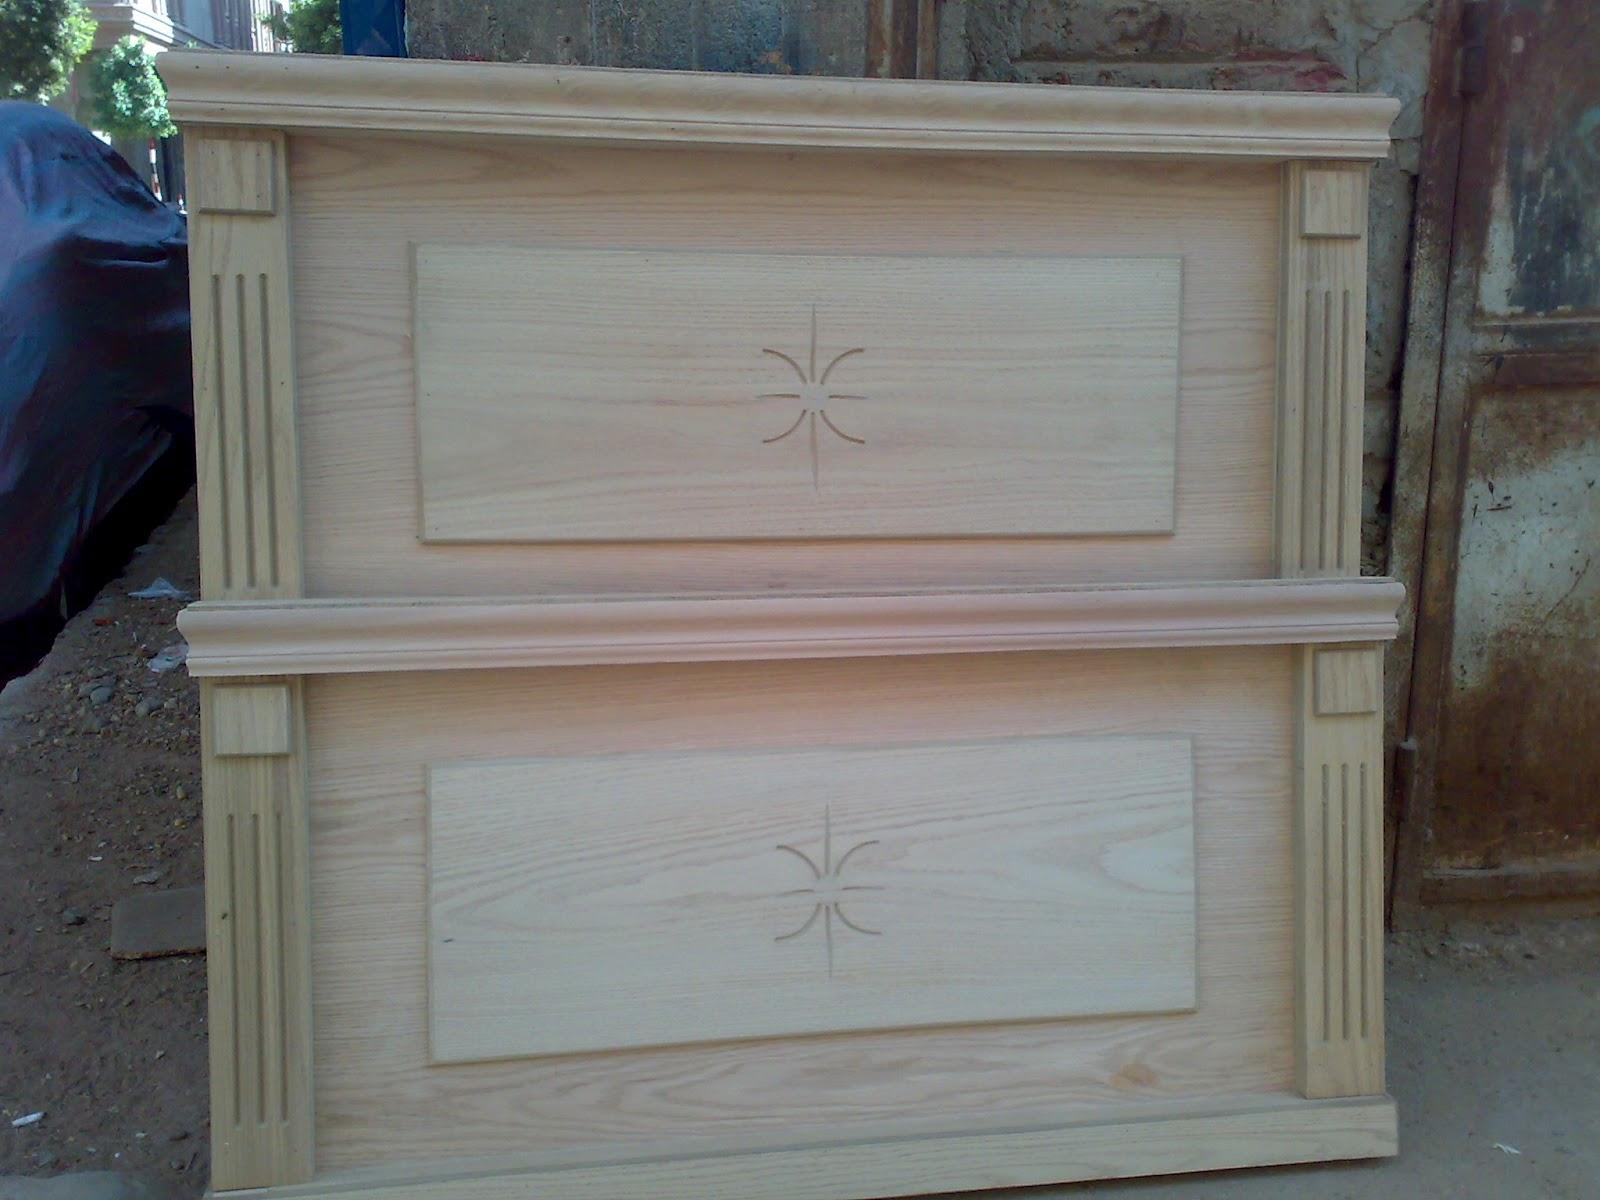 ابداعات السادات: سرير اطفال من الخشب الطبيعى الخالص